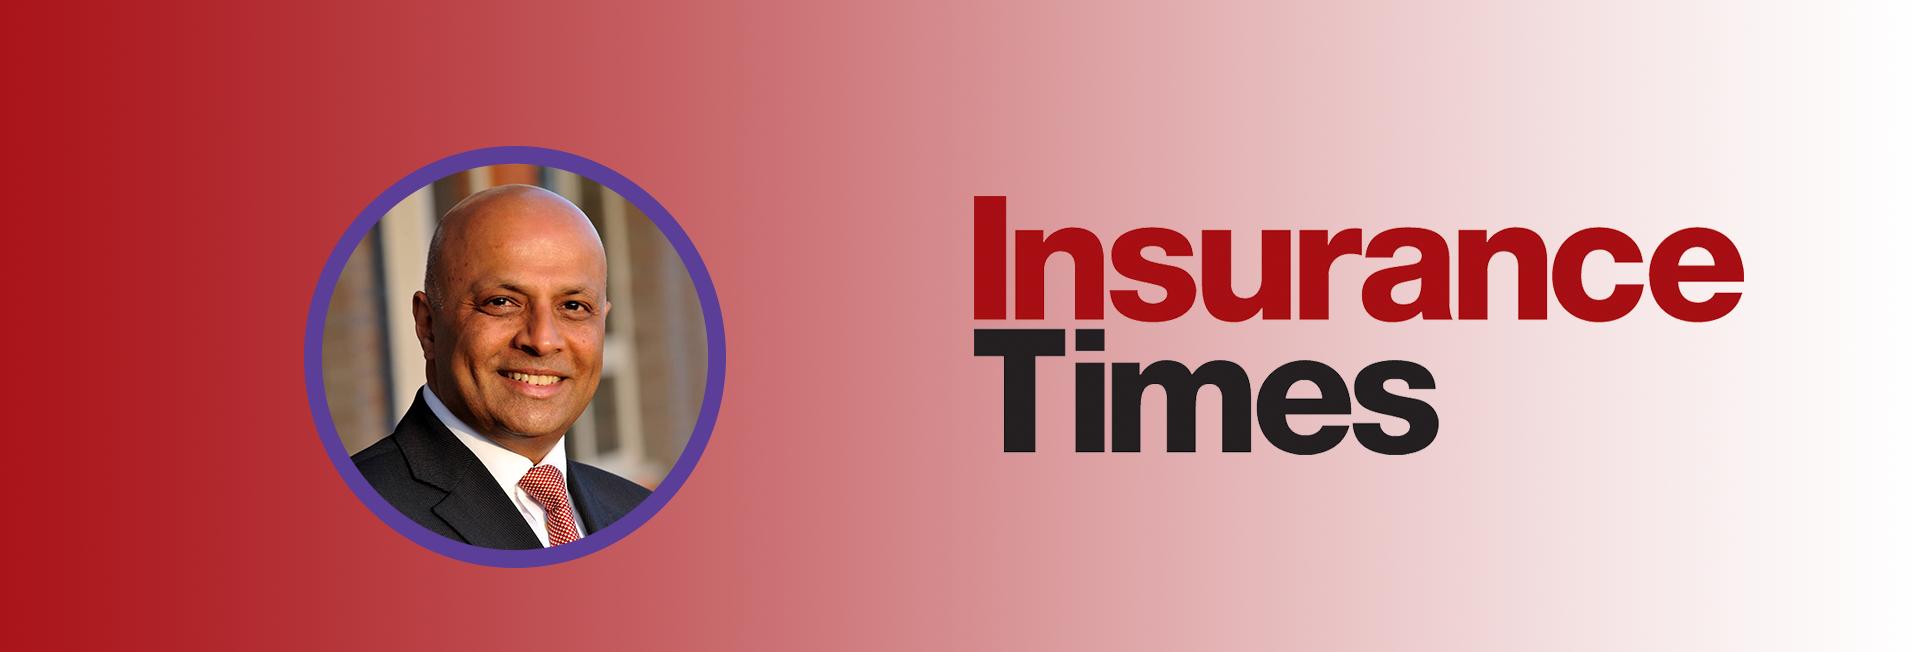 ashwin mistry insurance times